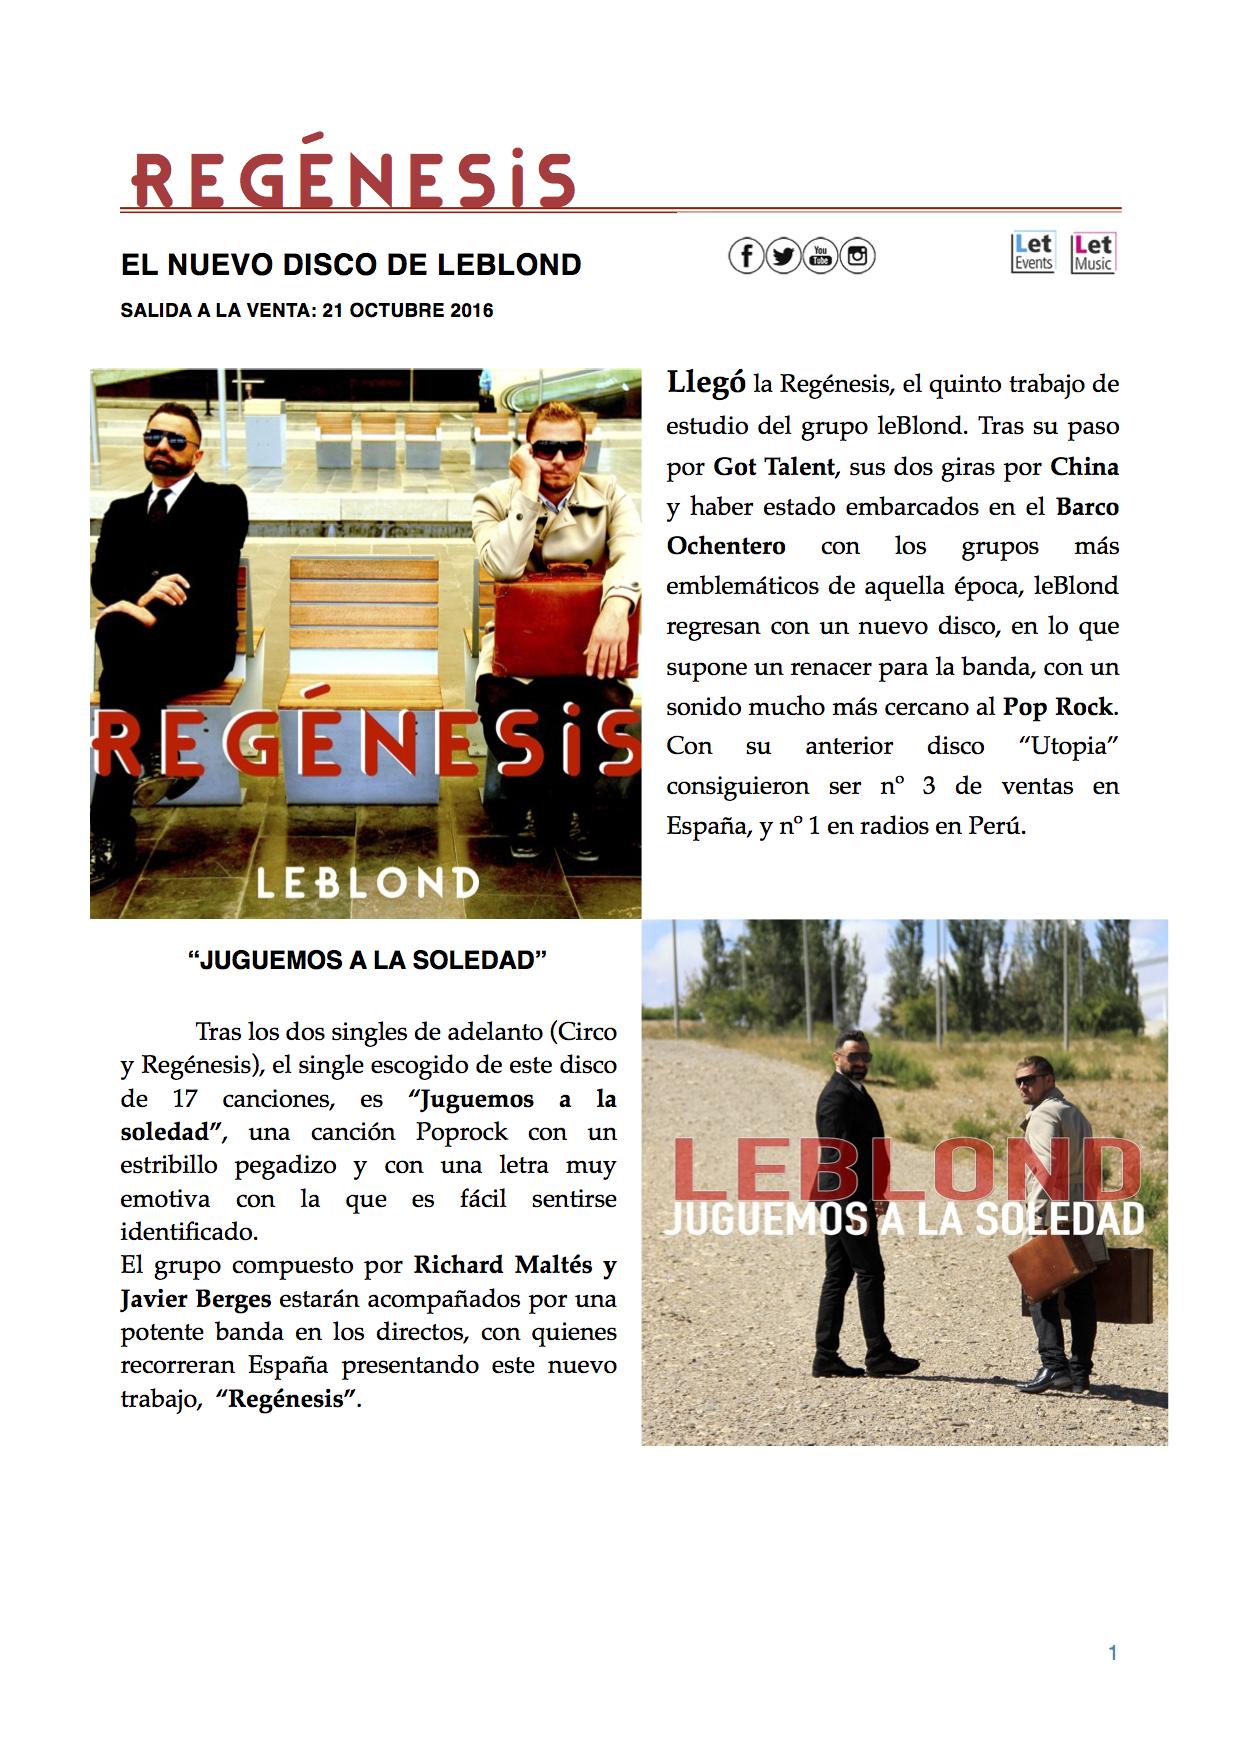 nota-de-prensa-regenesis-1